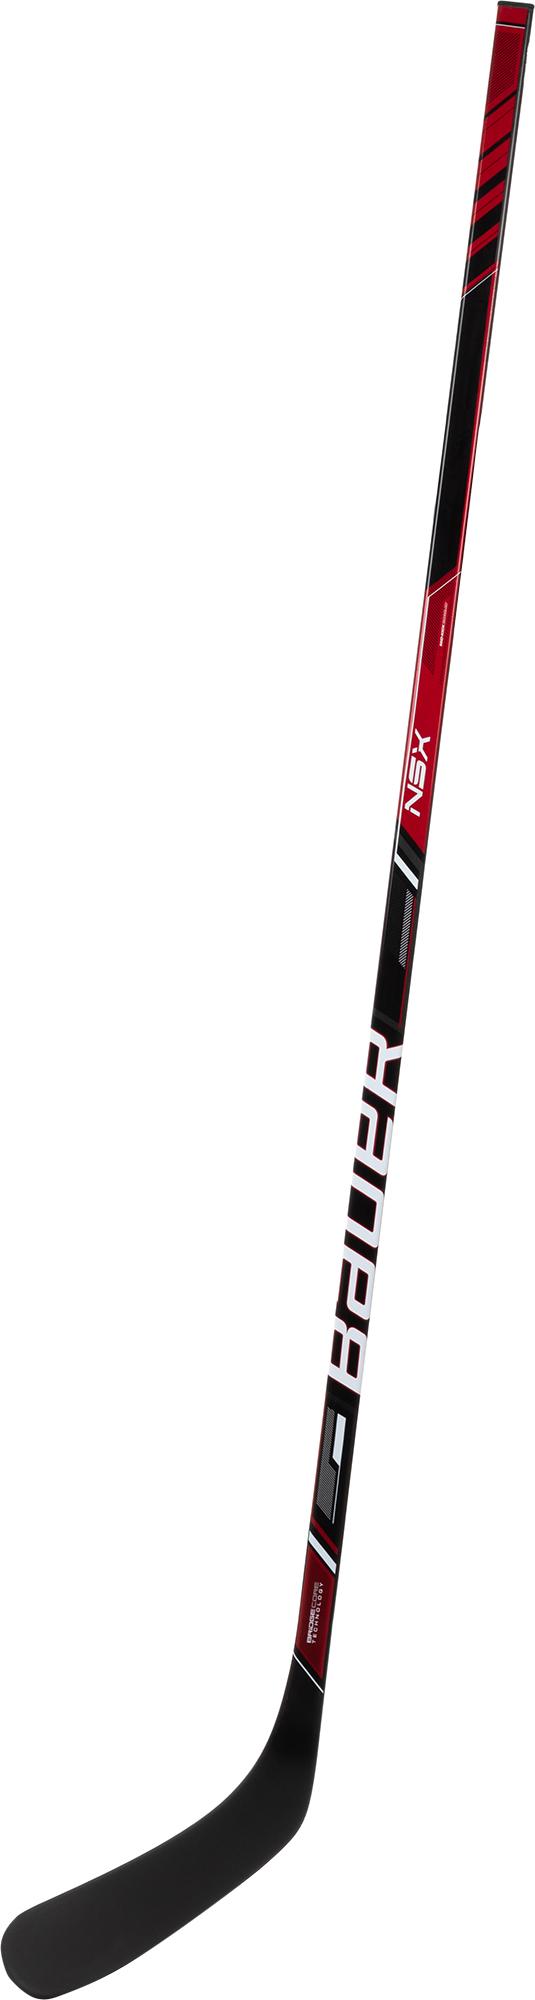 Bauer Клюшка хоккейная Bauer NSX GRIP, размер R все цены